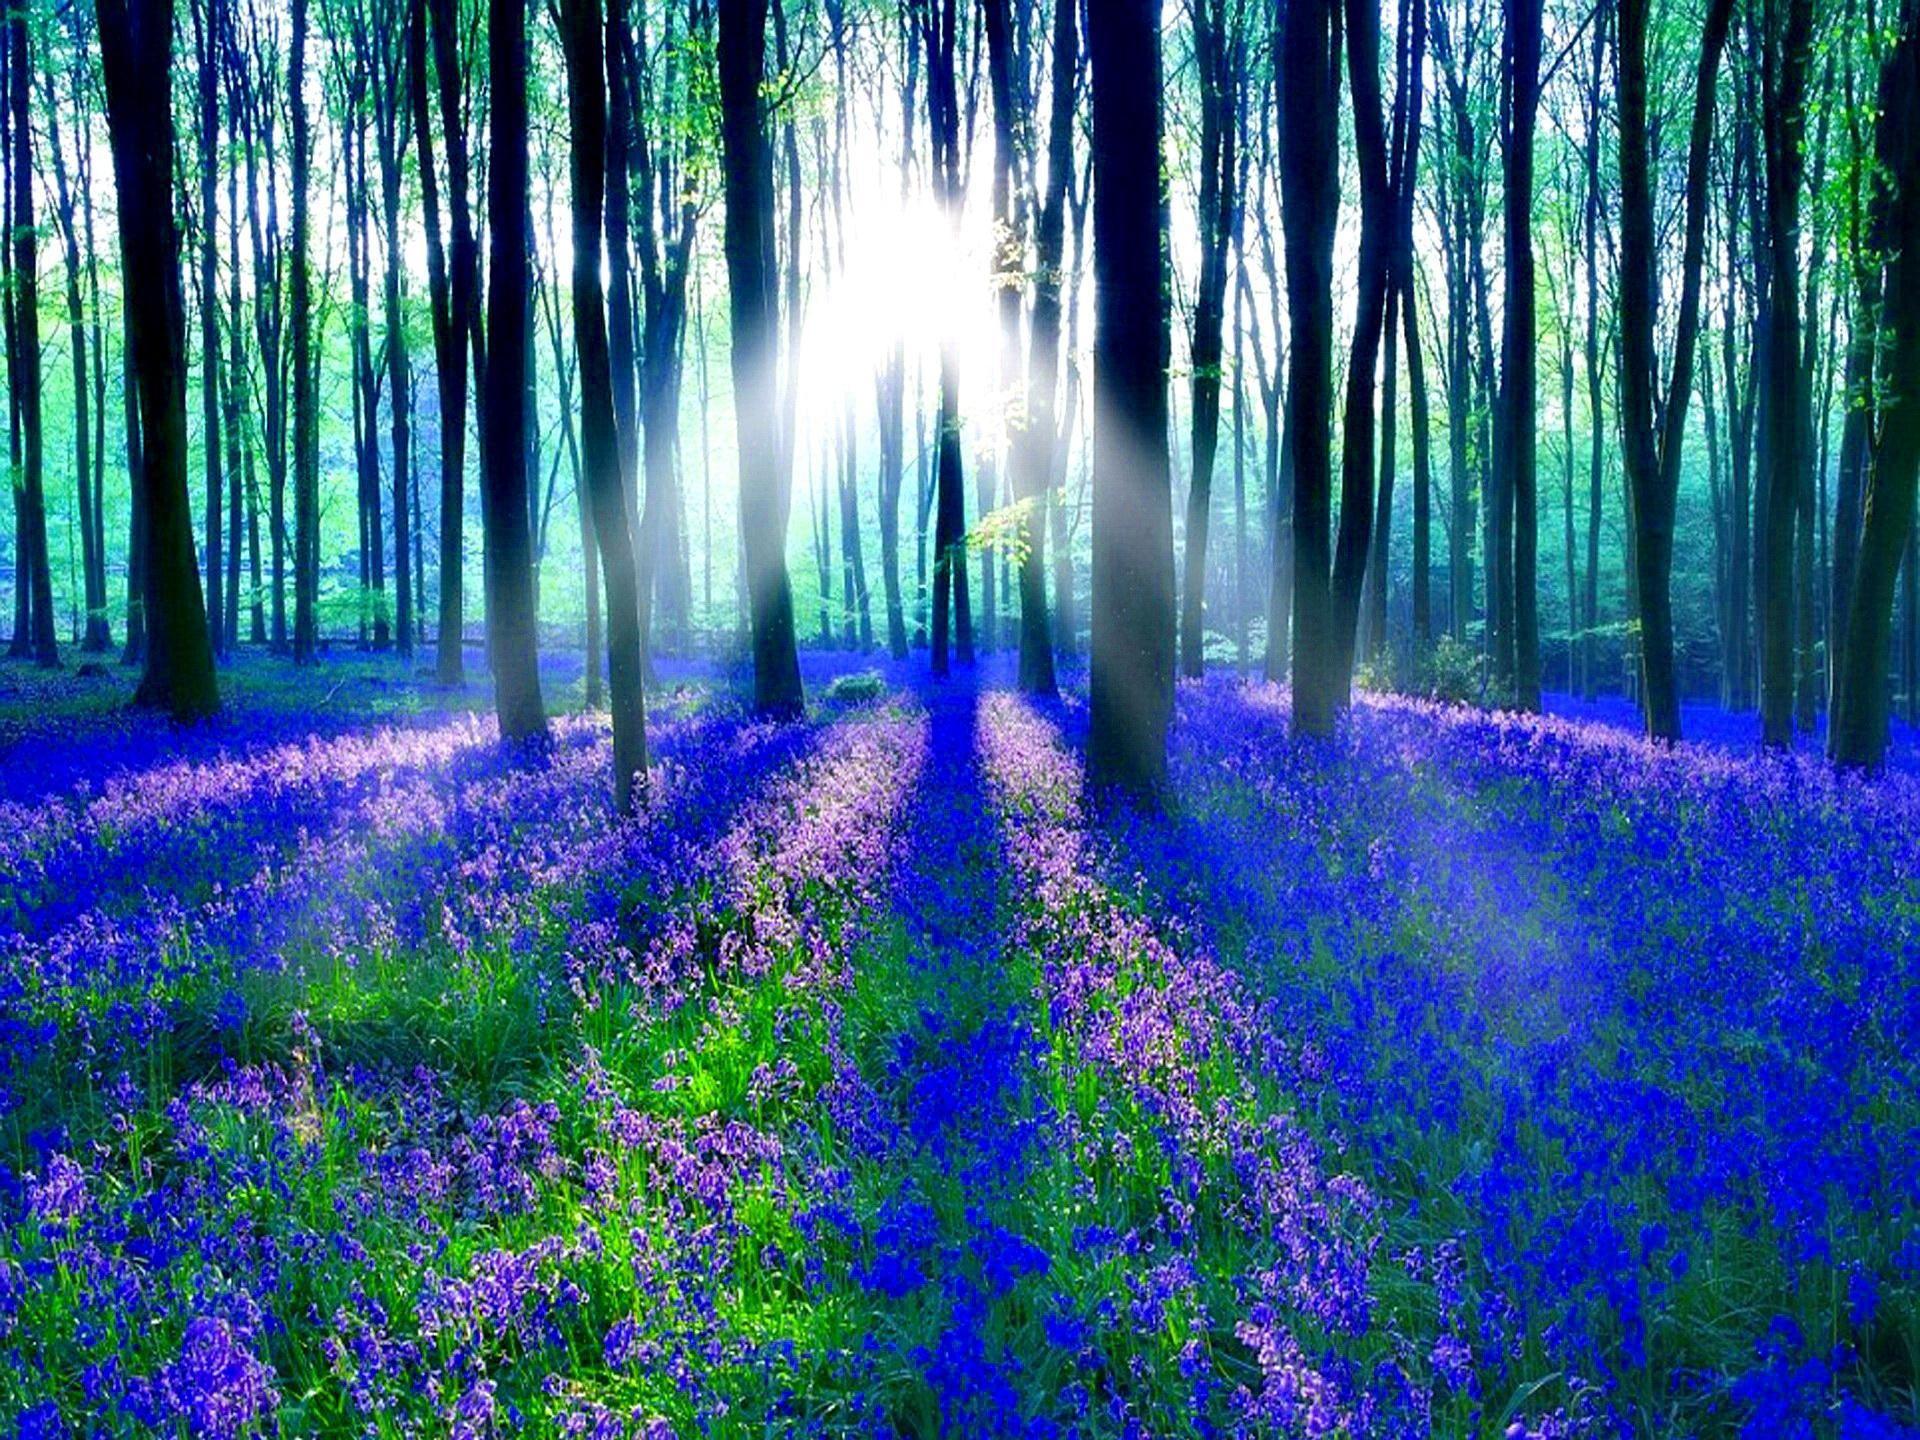 Bluebell Wood HD desktop wallpaper Widescreen High